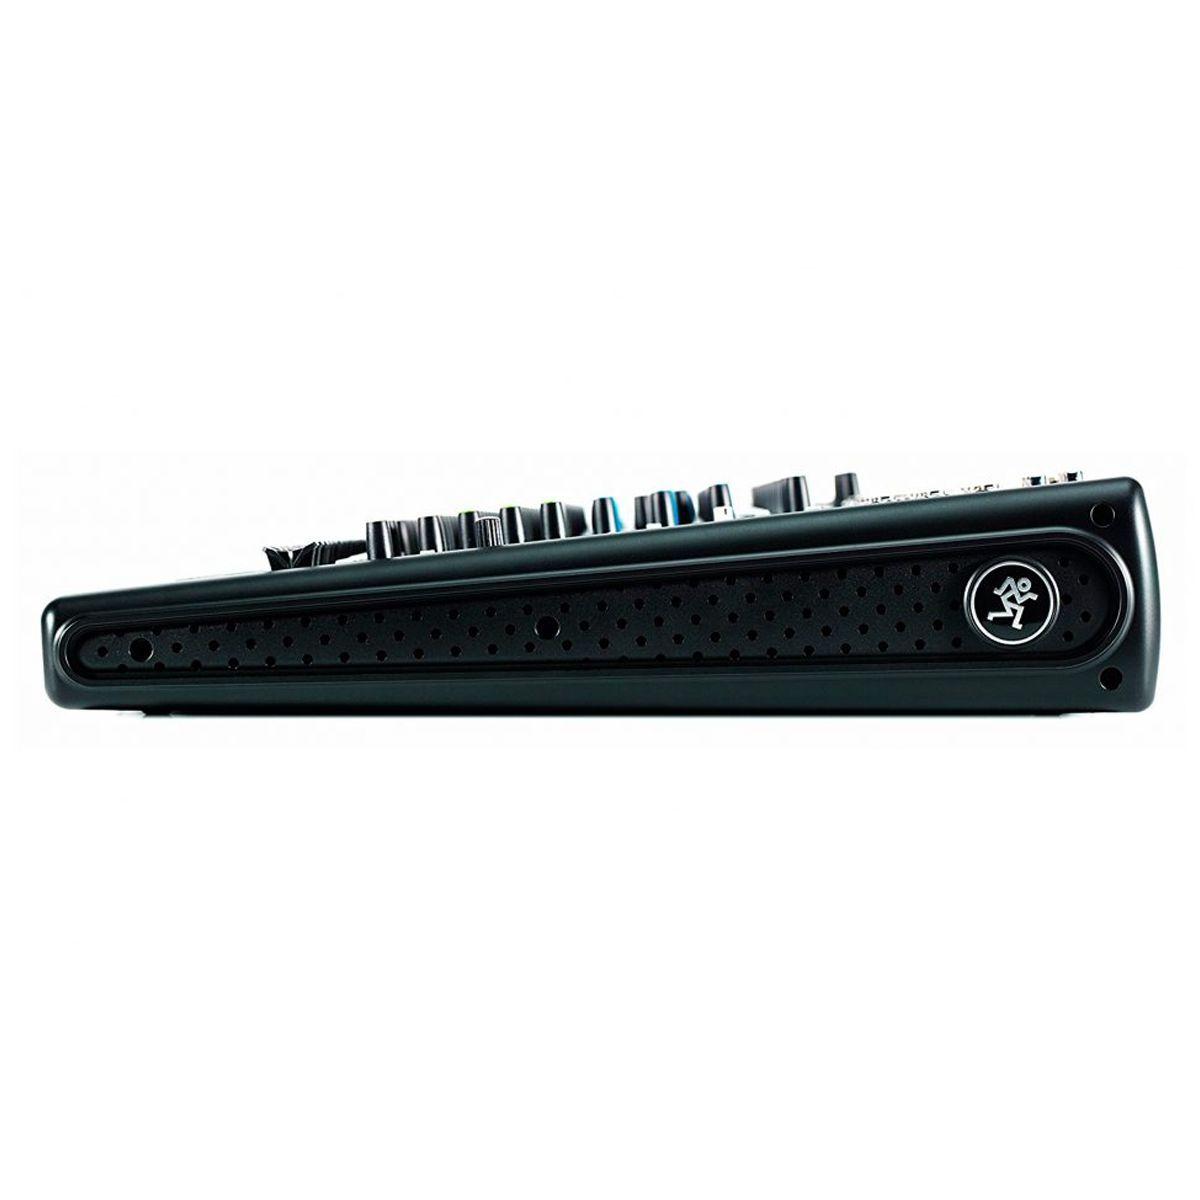 Mesa 30 canais, 2 AUX, 4 Subgrupos, FX e USB Mackie PROFX30V2